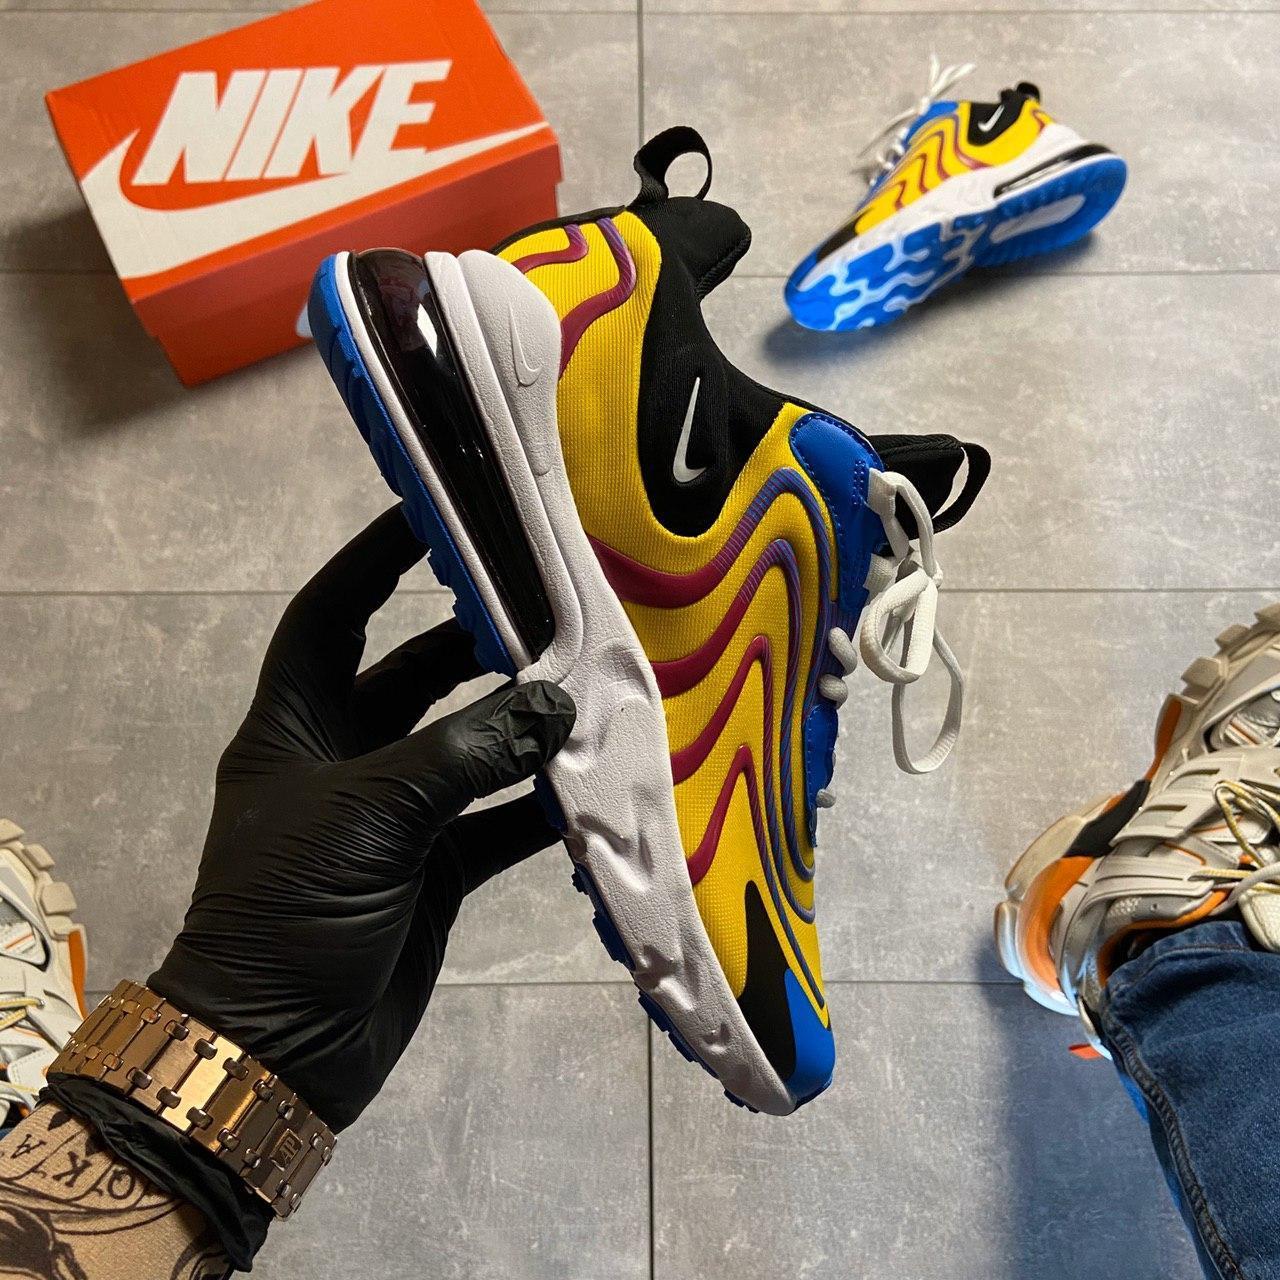 Чоловічі кросівки Nike Air Max 270 React Eng, чоловічі кросівки найк аір макс 270 реактив енг